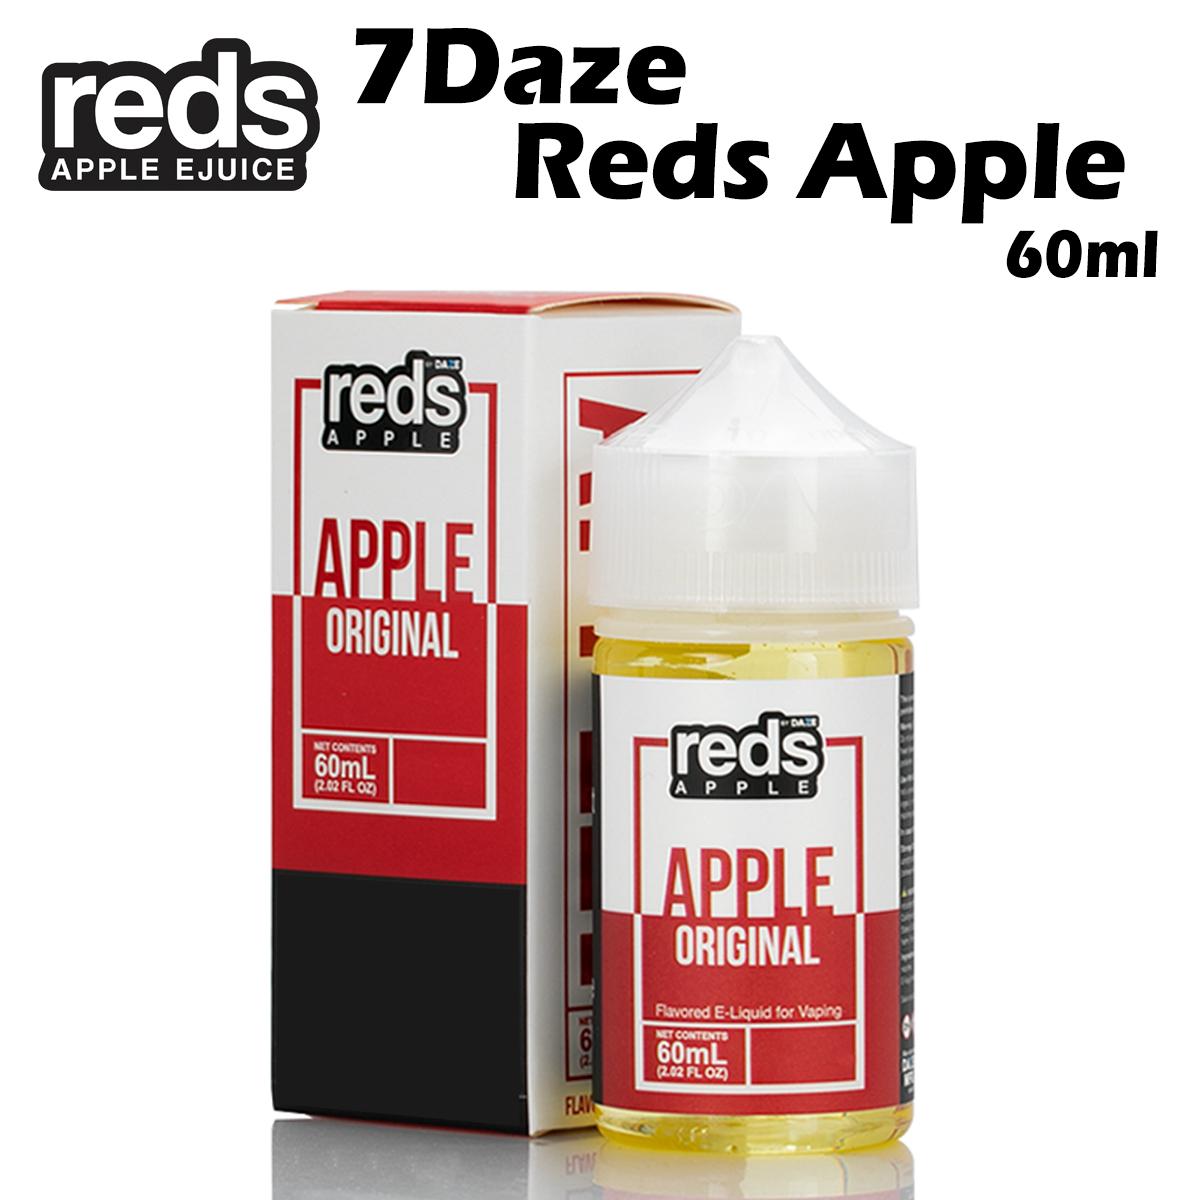 7Daze 大人気 Reds Apple EJuice 60ml セール特価 アップル アメリカ産 電子たばこ りんご リキッド Vape 電子タバコ レッズ